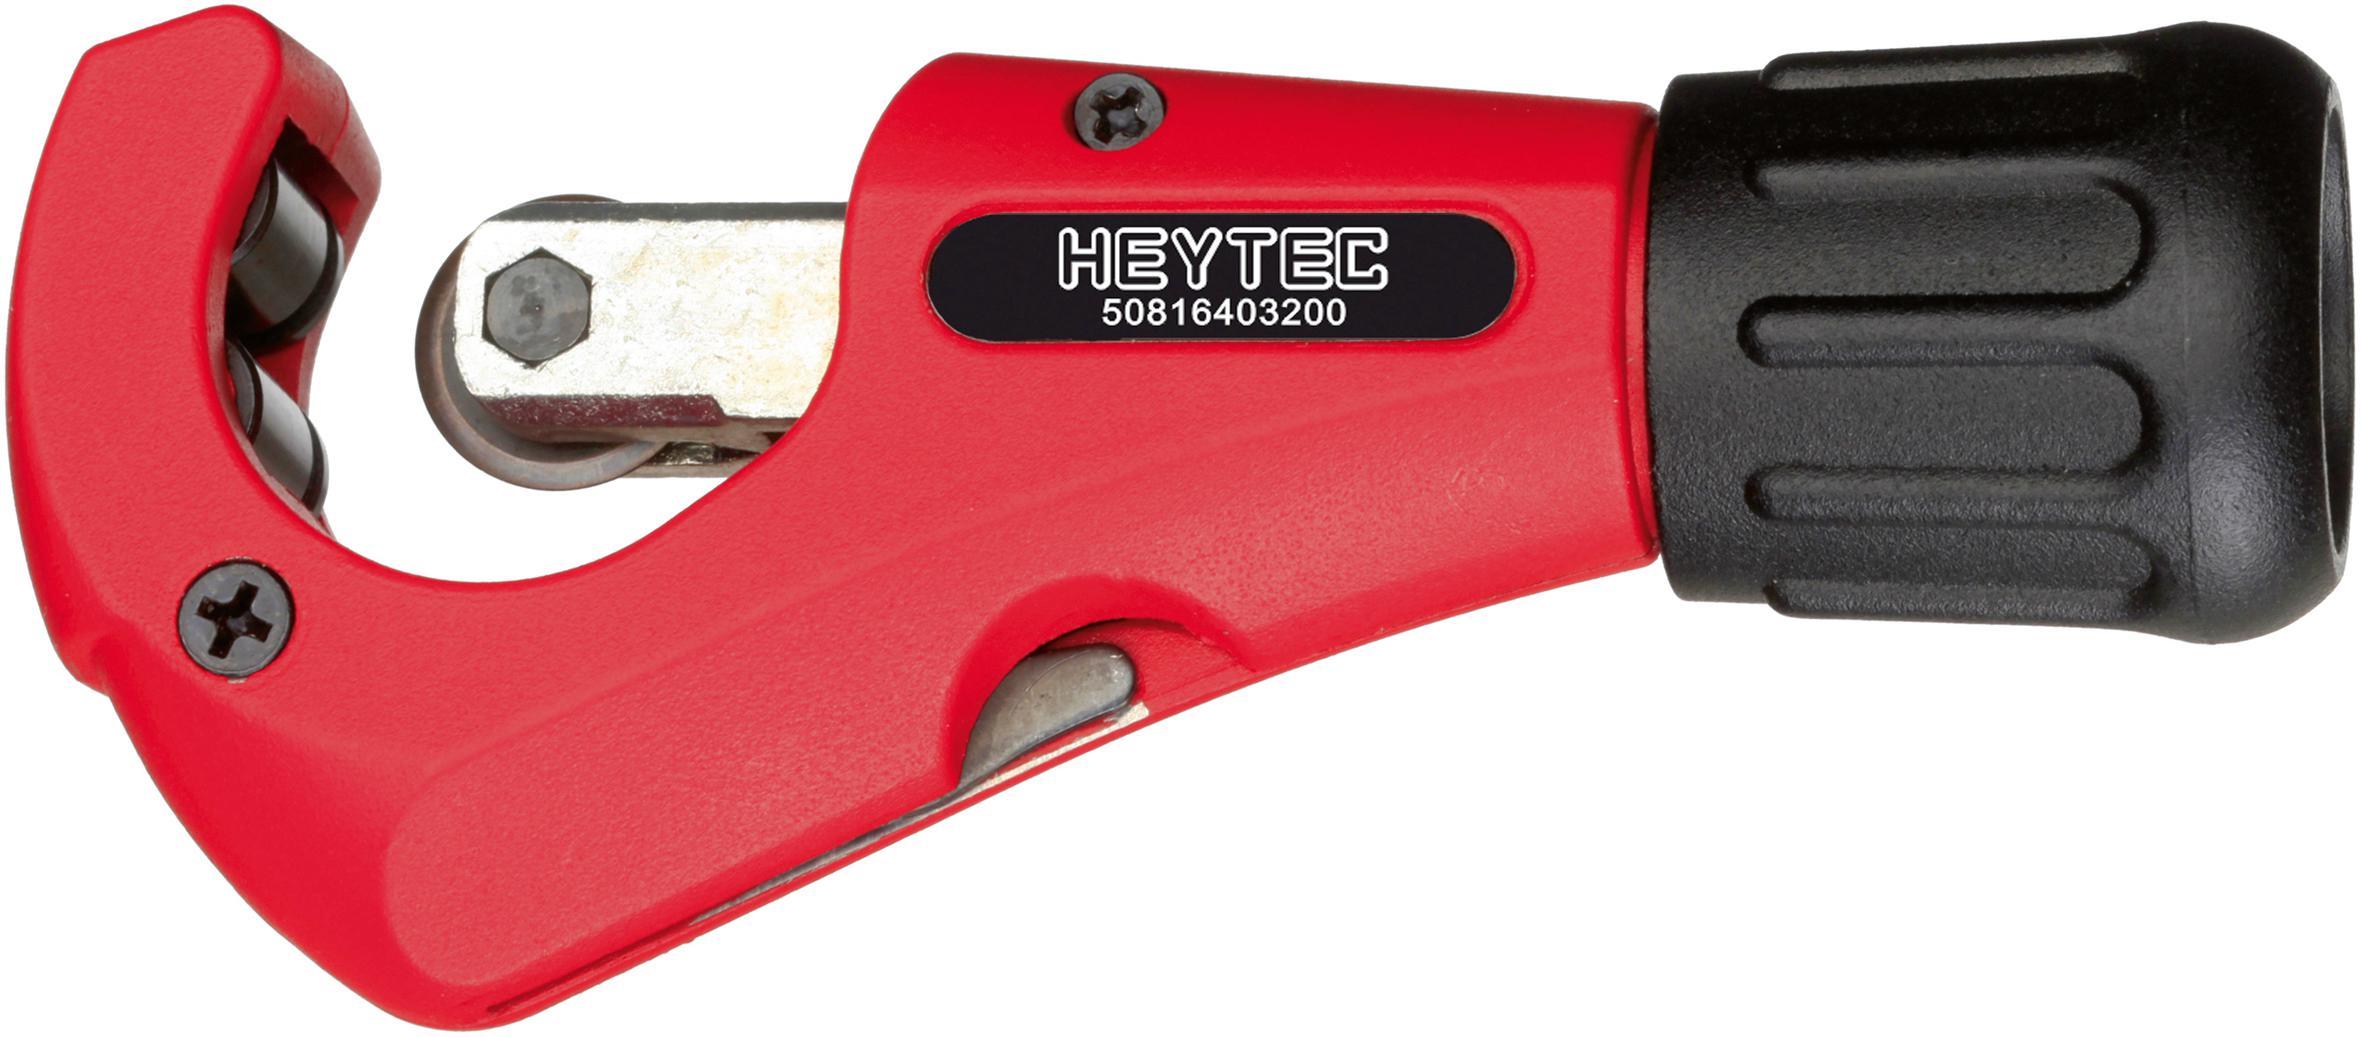 Труборез Heyco He-50816403200